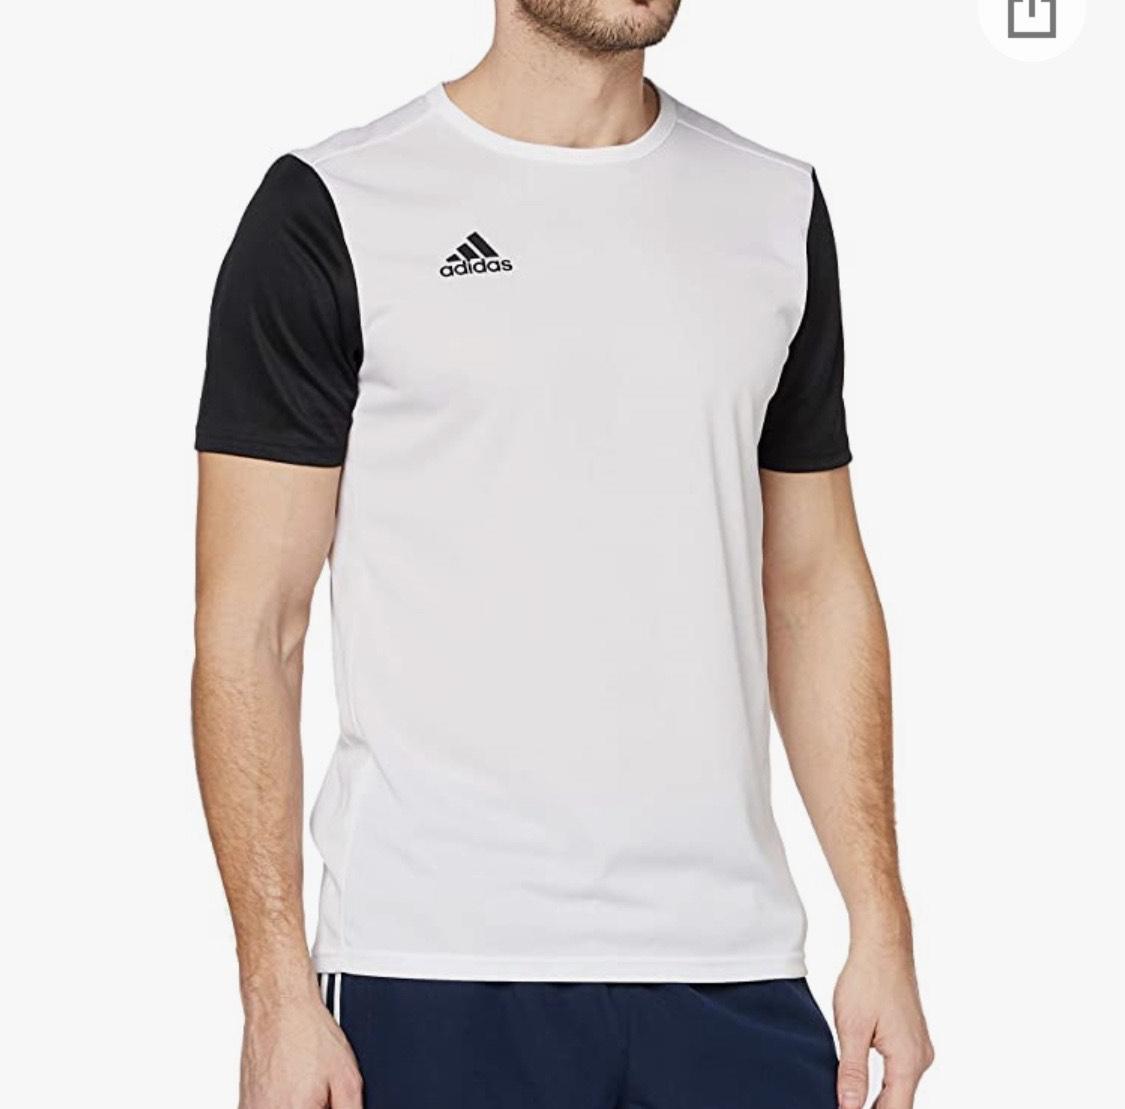 Camiseta deporte Adidas talla XXL.